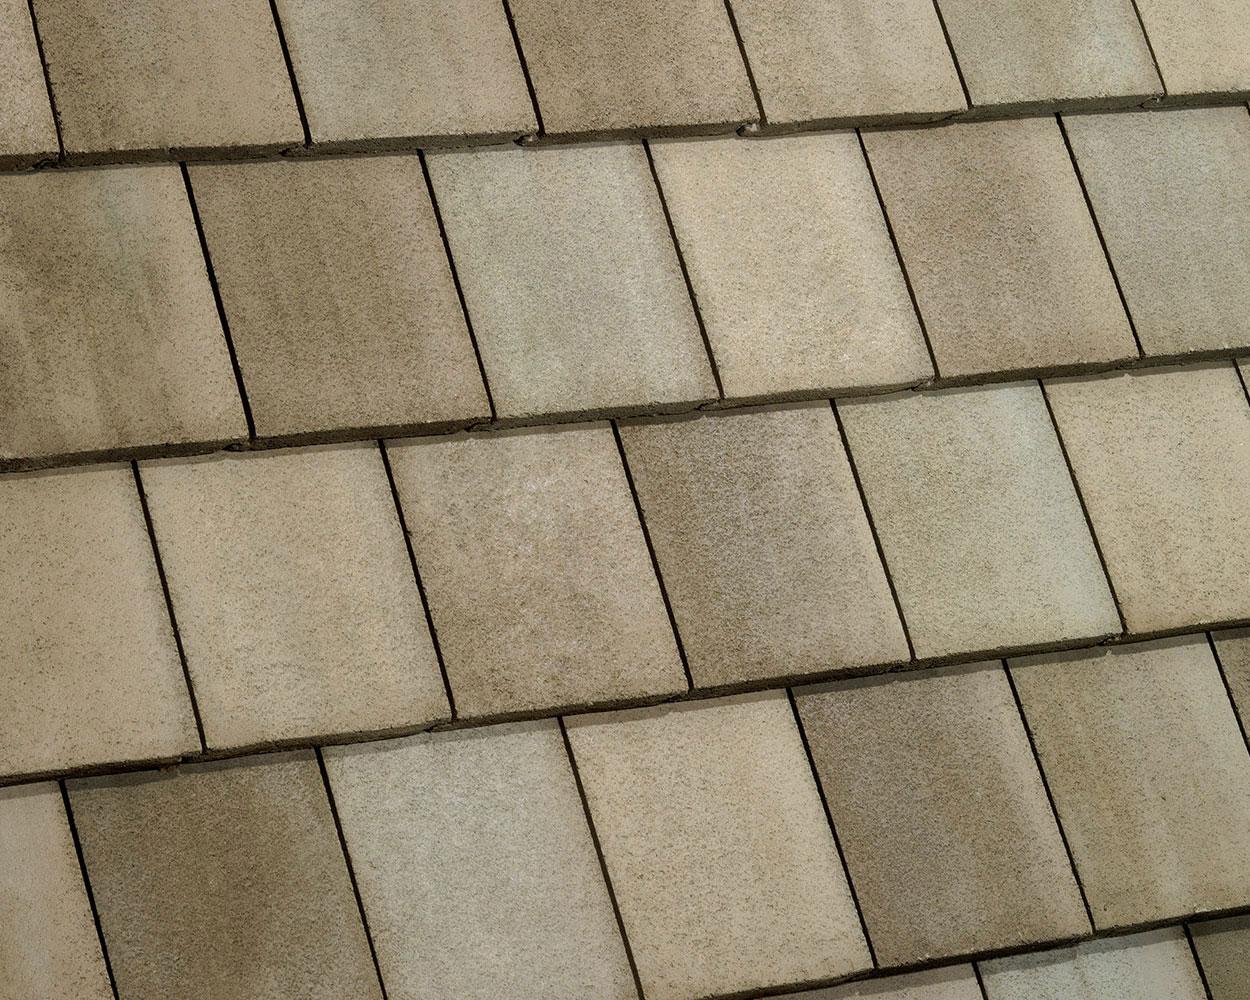 Rocklin blend tile roof color swatch